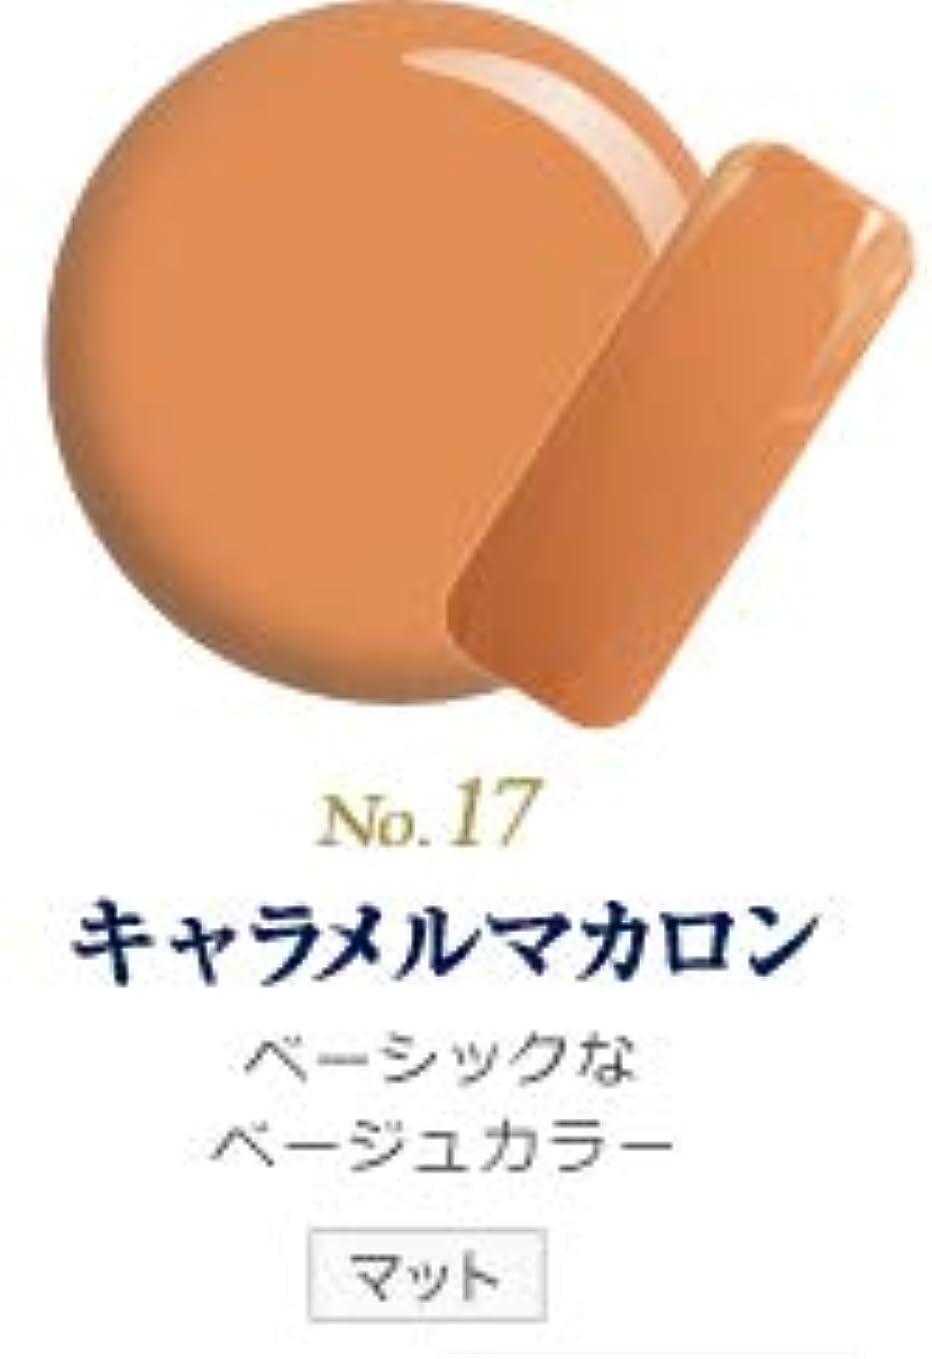 嬉しいですずっと水を飲む発色抜群 削らなくてもオフが出来る 新グレースジェルカラーNo.11~No.209 (キャラメルマカロン)